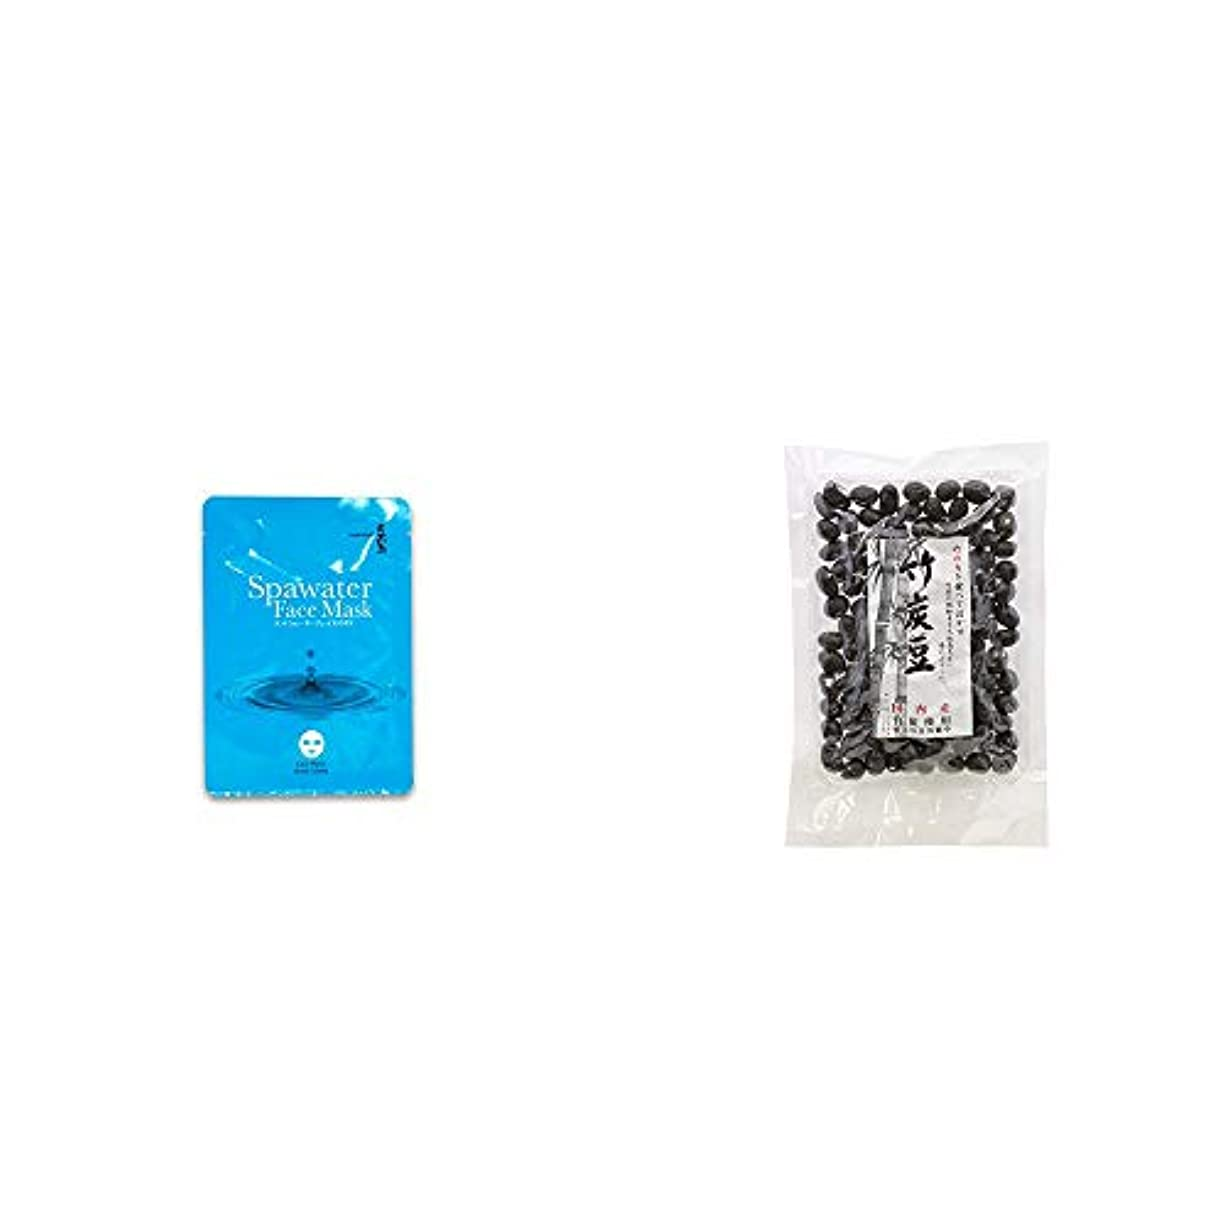 熱狂的な確率どこか[2点セット] ひのき炭黒泉 スパウォーターフェイスマスク(18ml×3枚入)?国内産 竹炭使用 竹炭豆(160g)